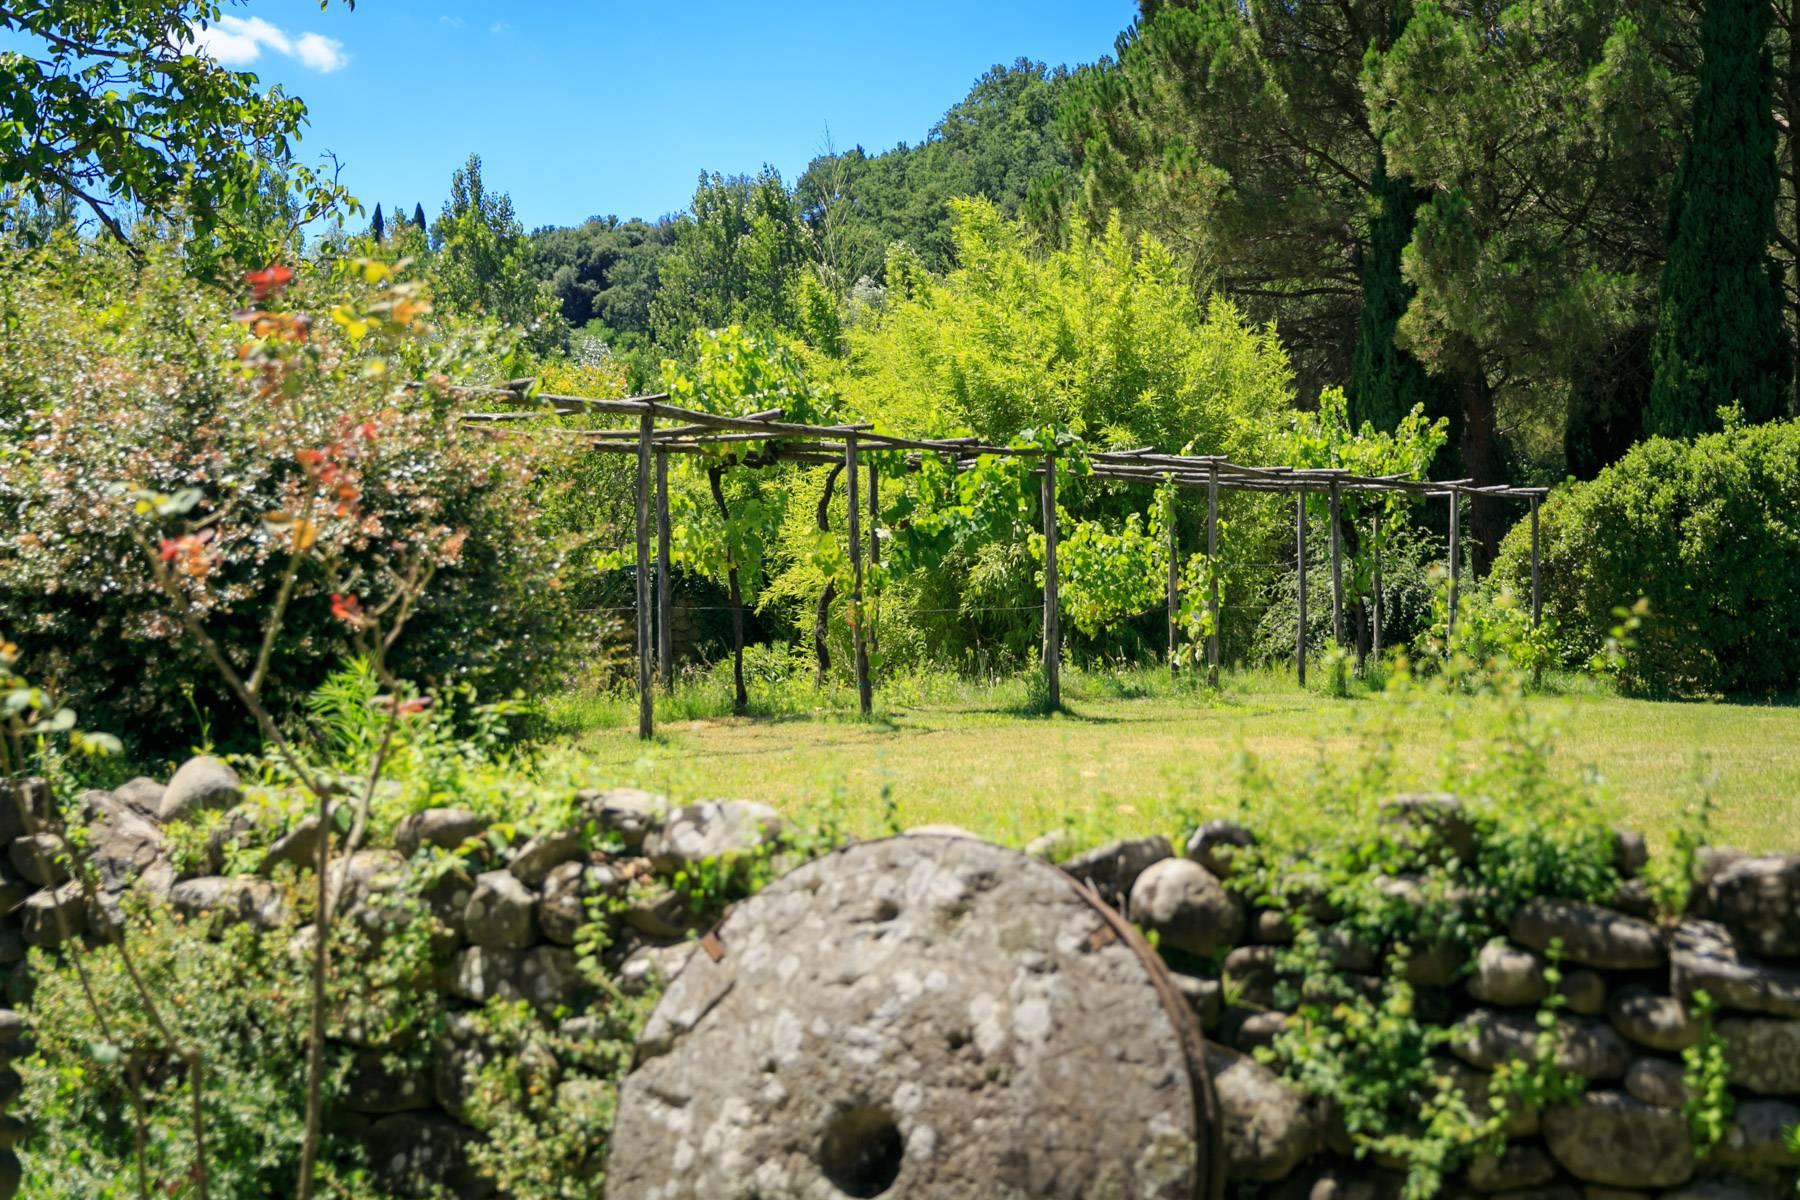 Rustico in Vendita a Terranuova Bracciolini: 5 locali, 875 mq - Foto 23